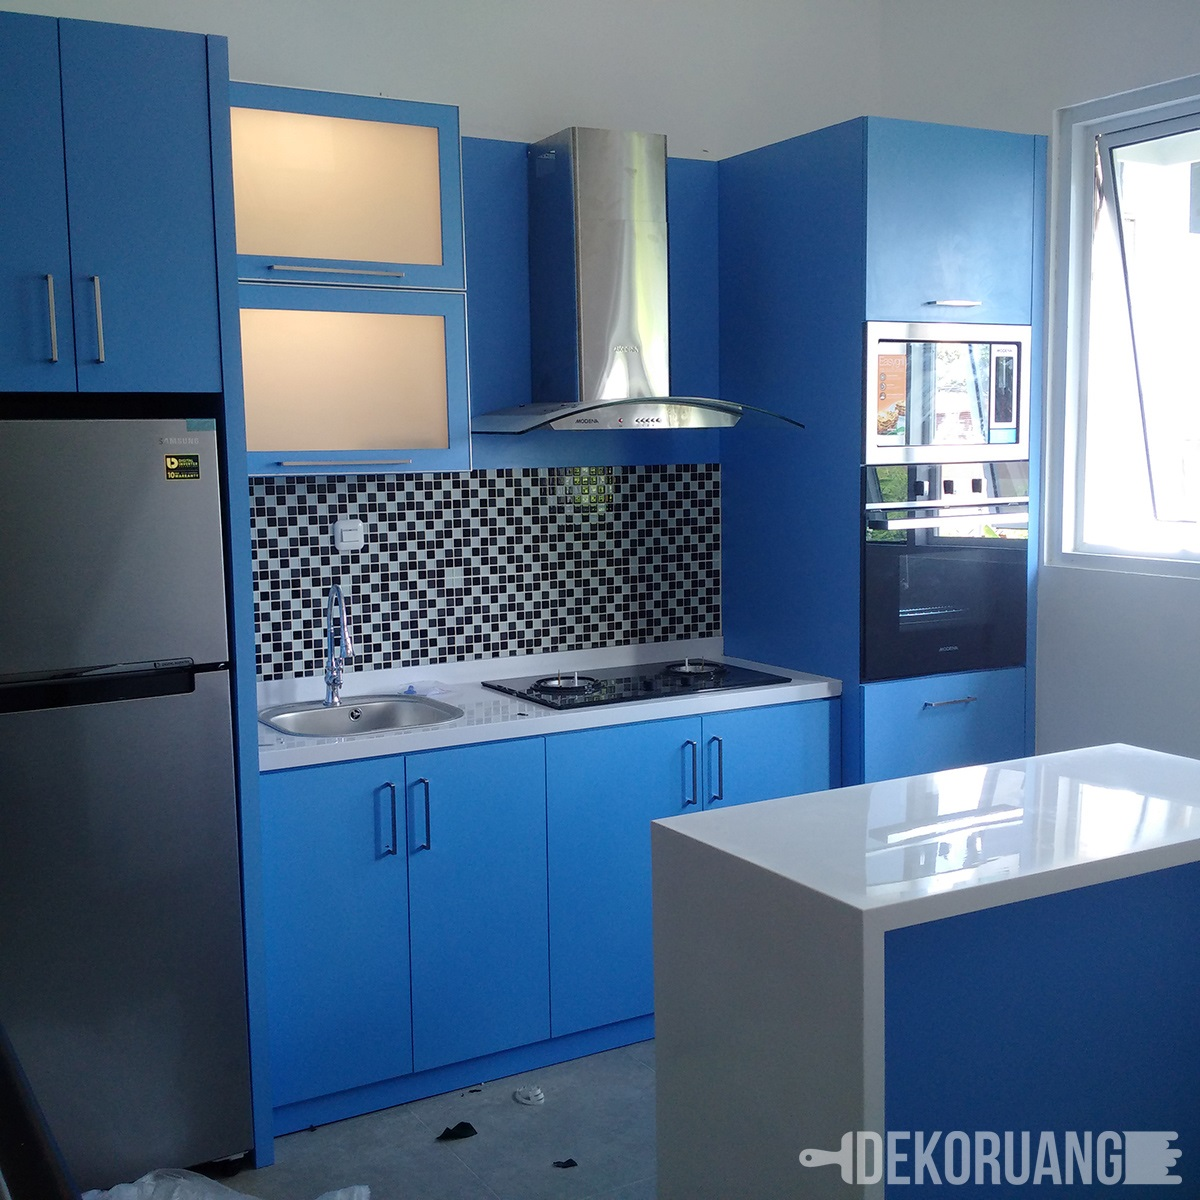 Kitchen Set Rumah: 10 Desain Kitchen Set Minimalis Paling Cocok Untuk Rumah